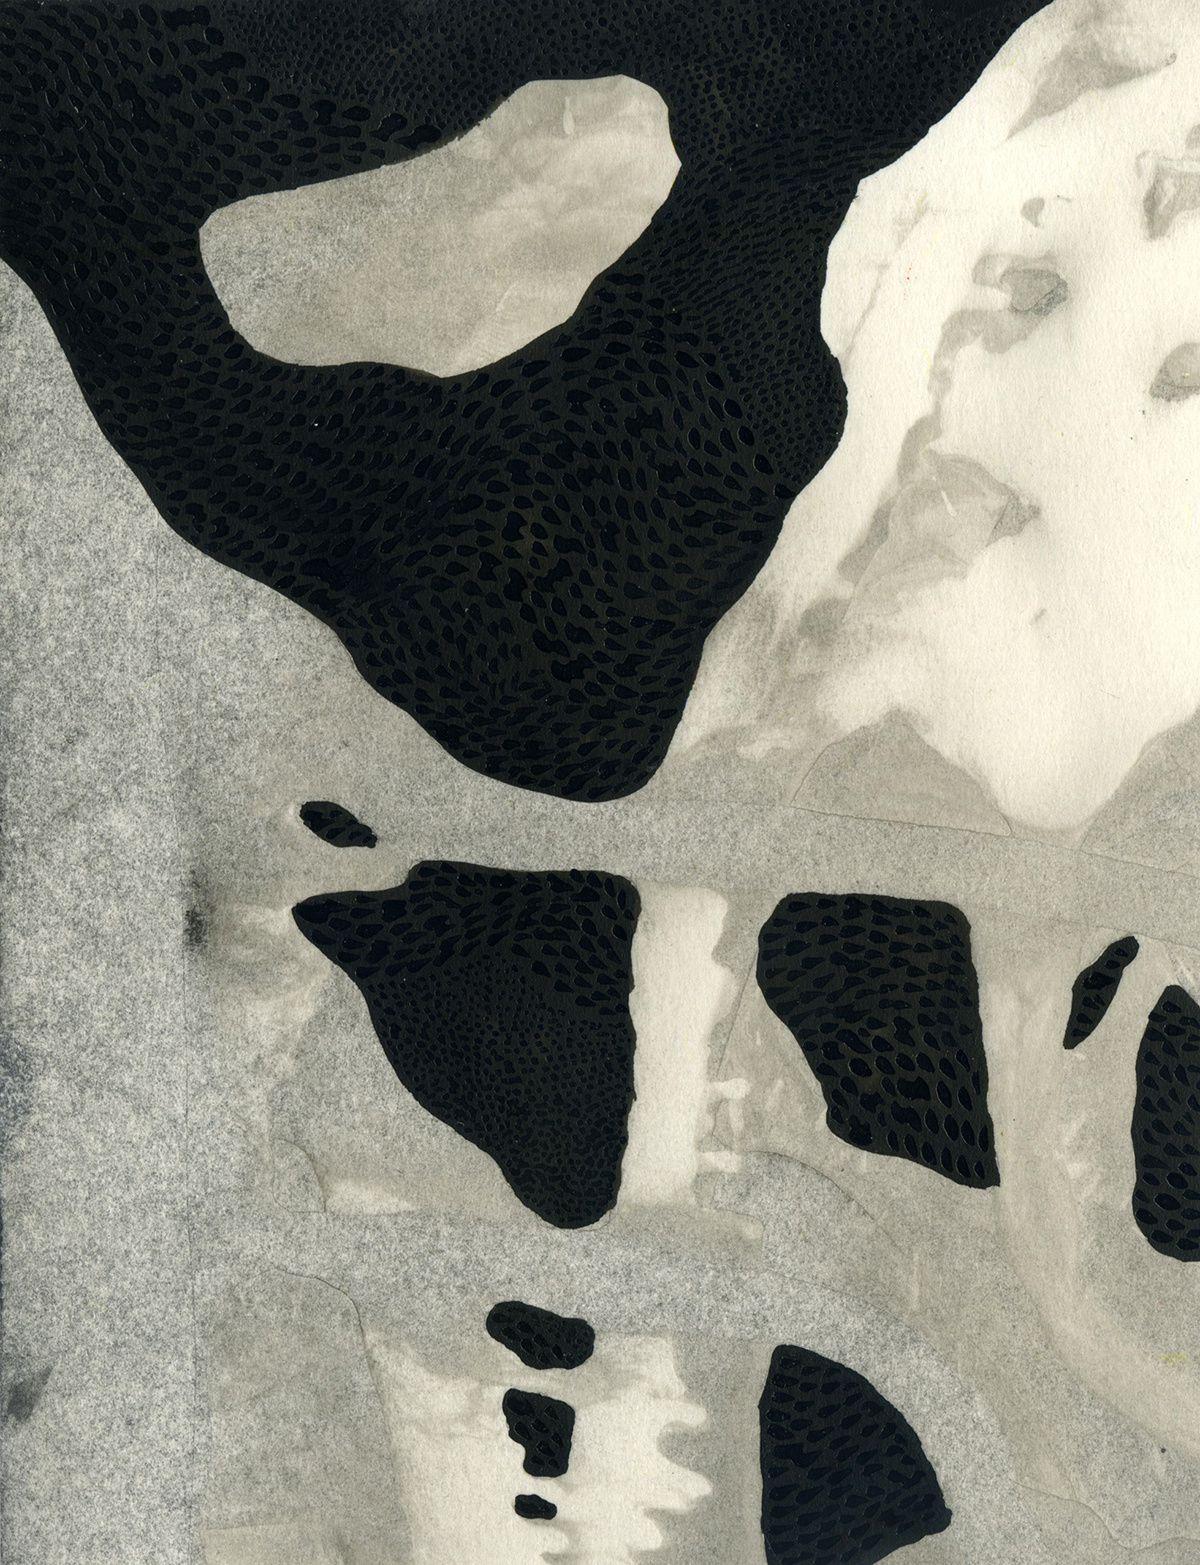 Arcanes #01-#05, encre de chine et gouache sur papier, 12, 5 x 15, 7 cm, Yann Bagot 2014.